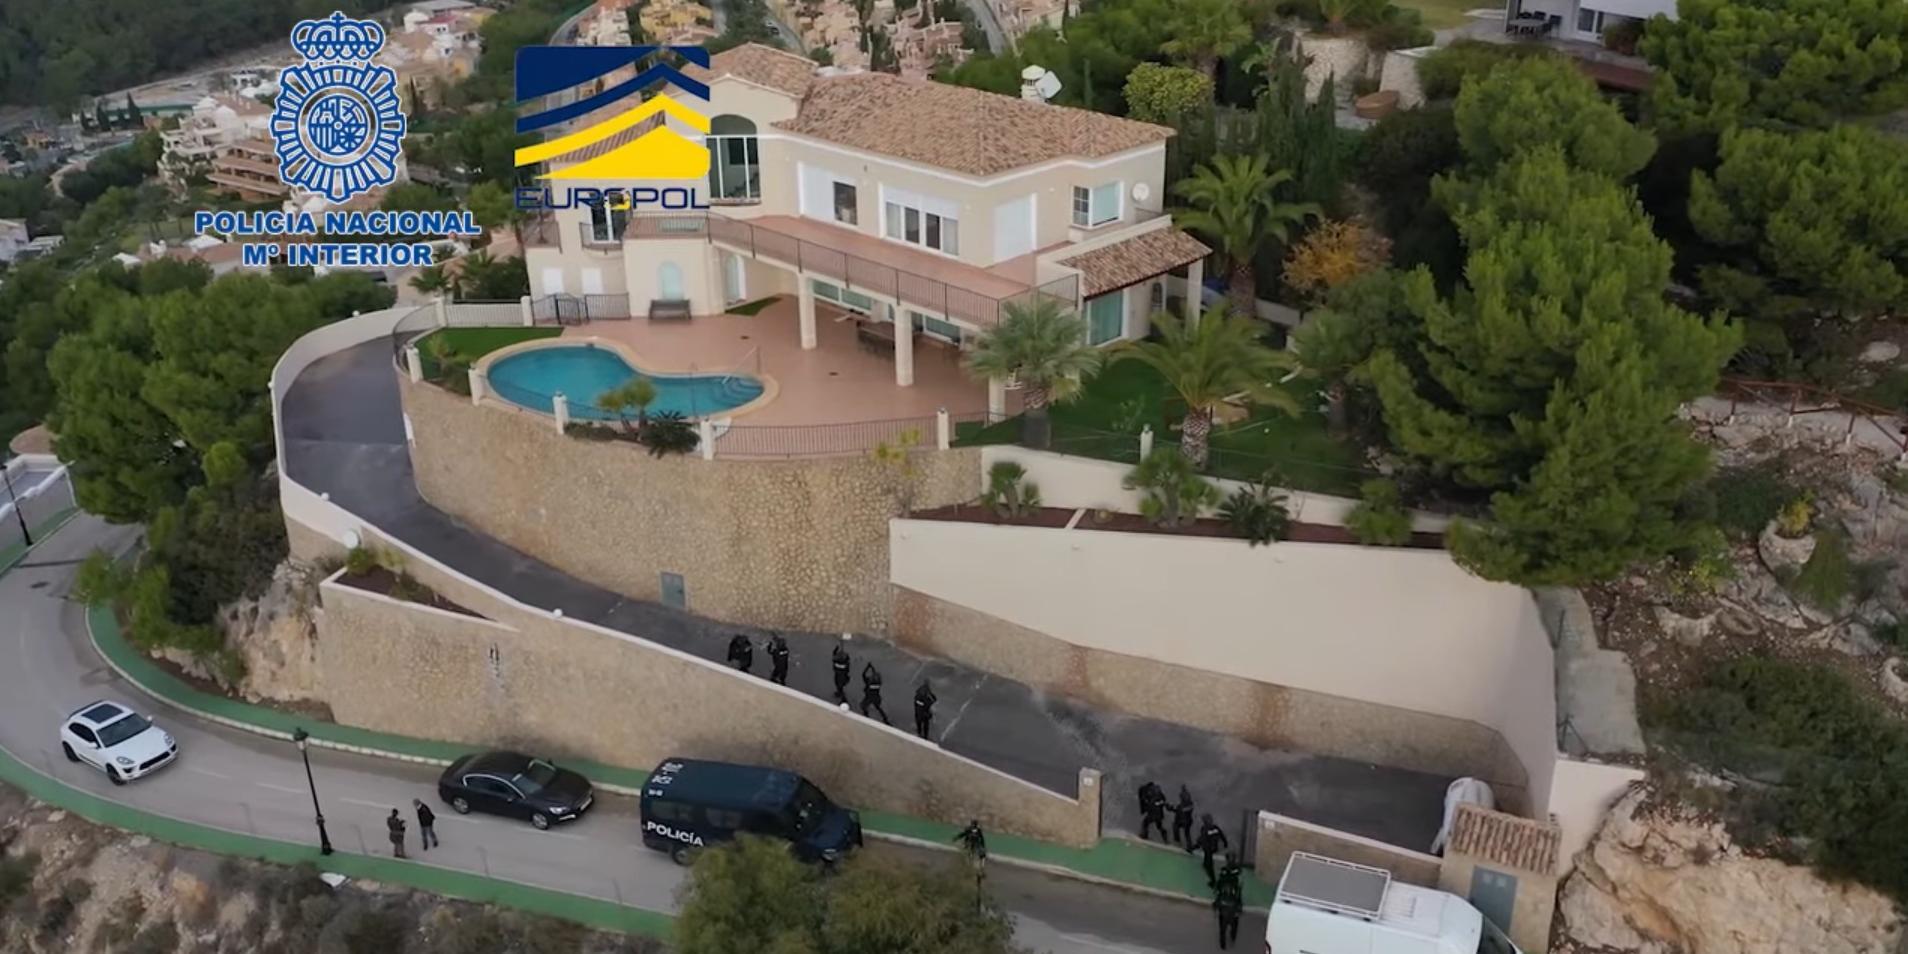 Испанские власти устроили самую масштабную за 10 лет спецоперацию против русской мафии